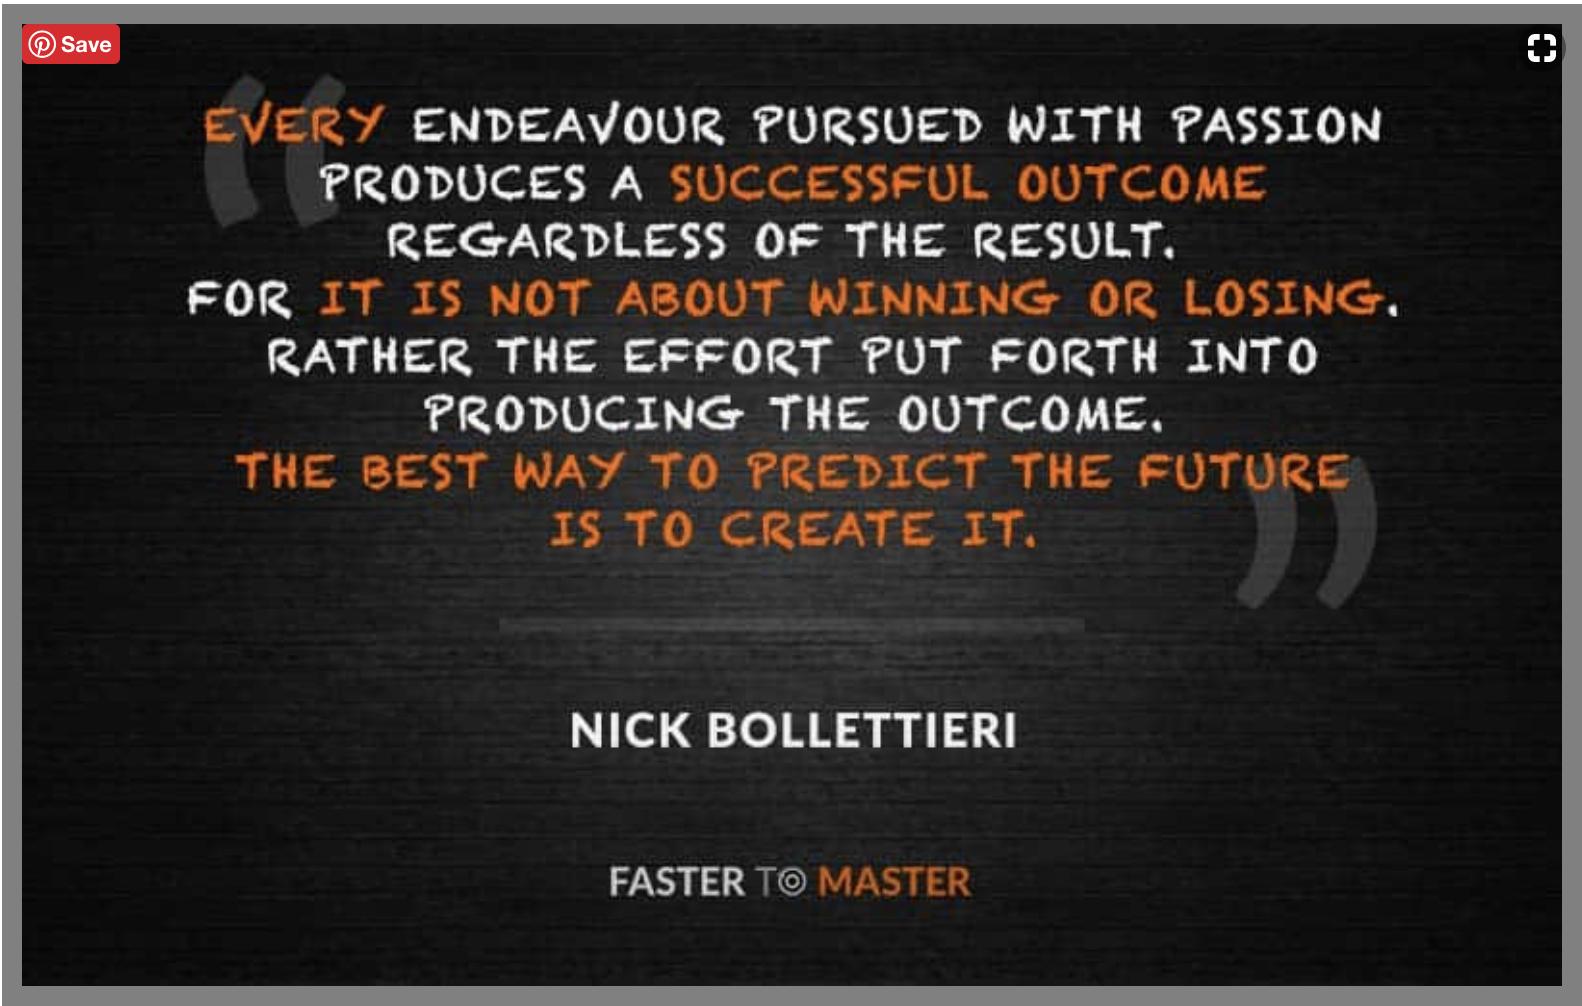 Quote - Create the Future